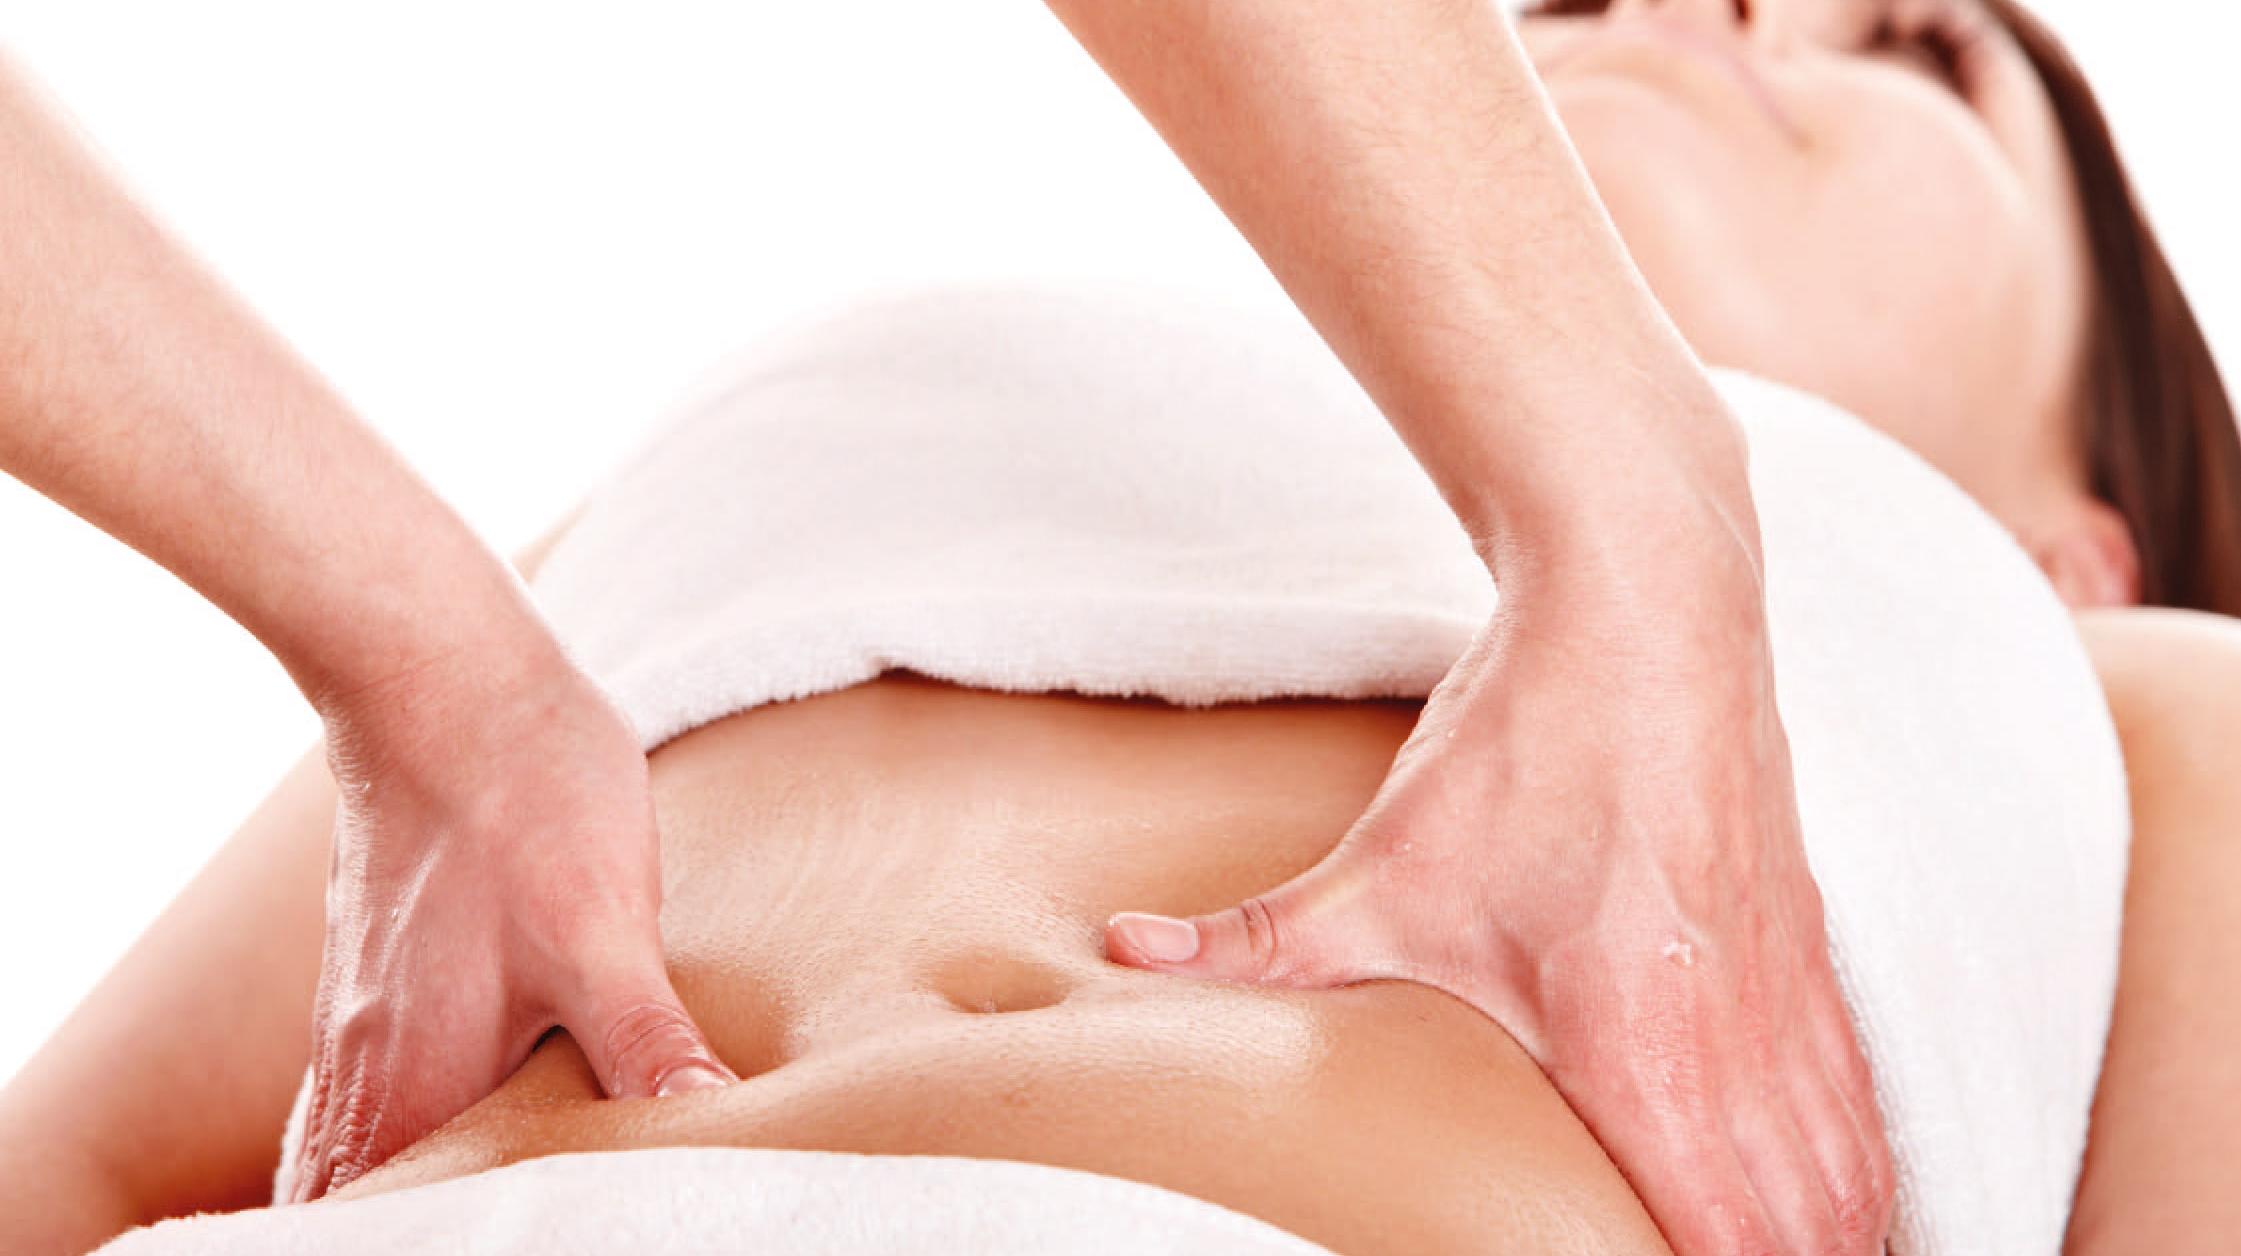 Drenagem linfática ou massagem modeladora? Saiba a diferença!